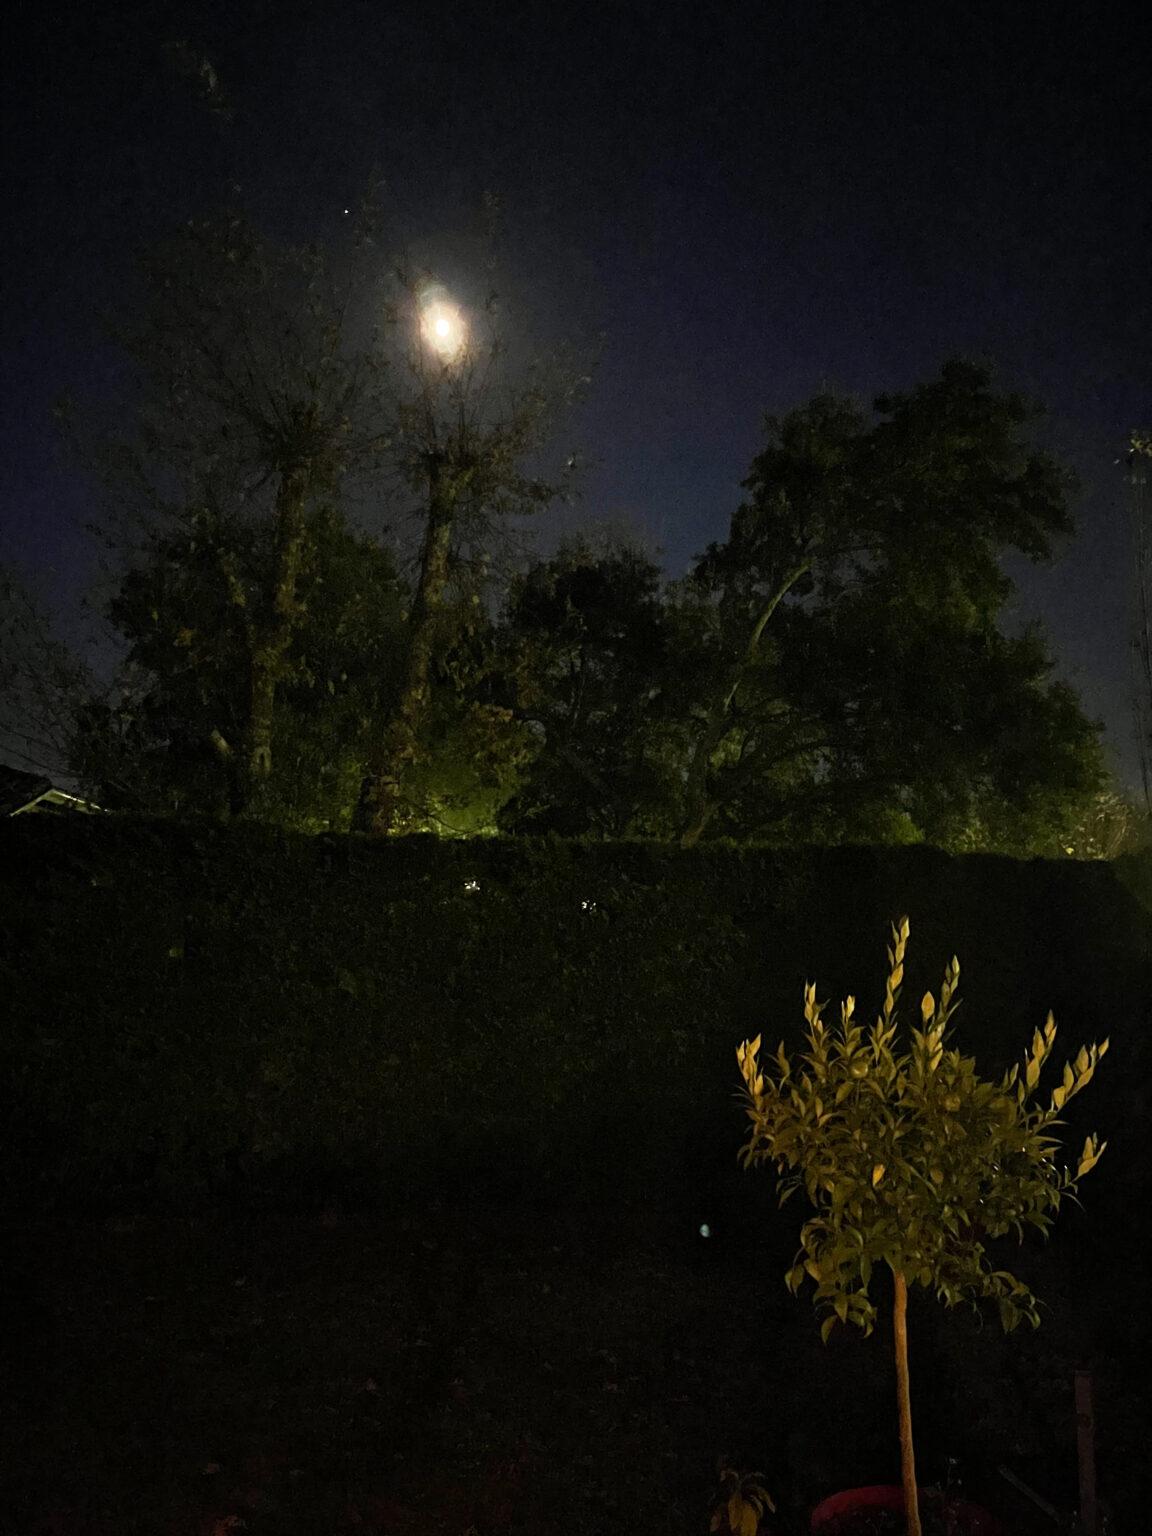 Photo de nuit prise à l'Phone 12 Pro Max - mode nuit désactivé